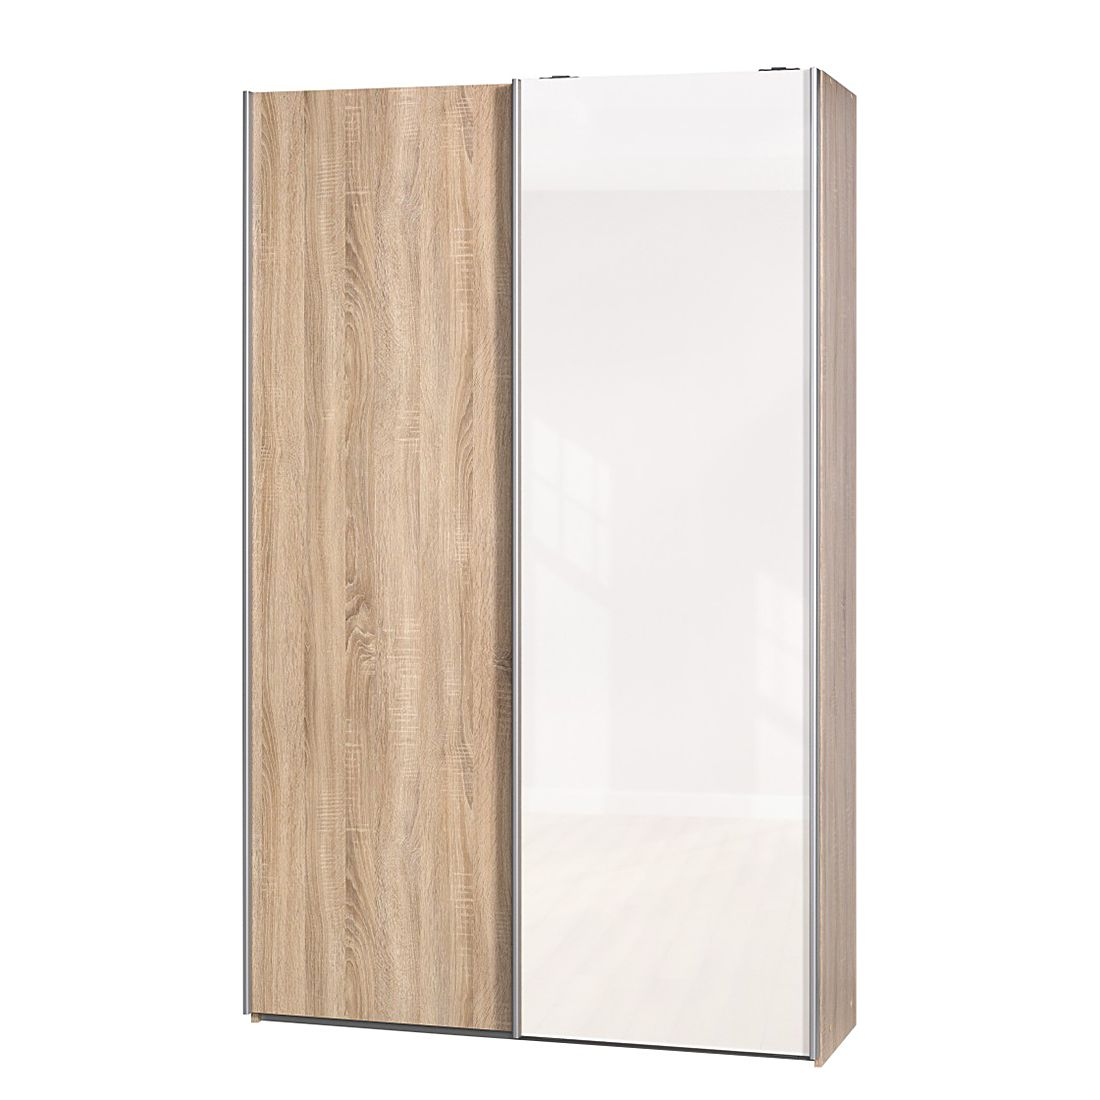 Schwebetürenschrank Soft Smart I – Eiche Dekor/Hochglanz Weiß – Breite: 120 cm / Tiefe: 42 cm, CS Schmal jetzt bestellen